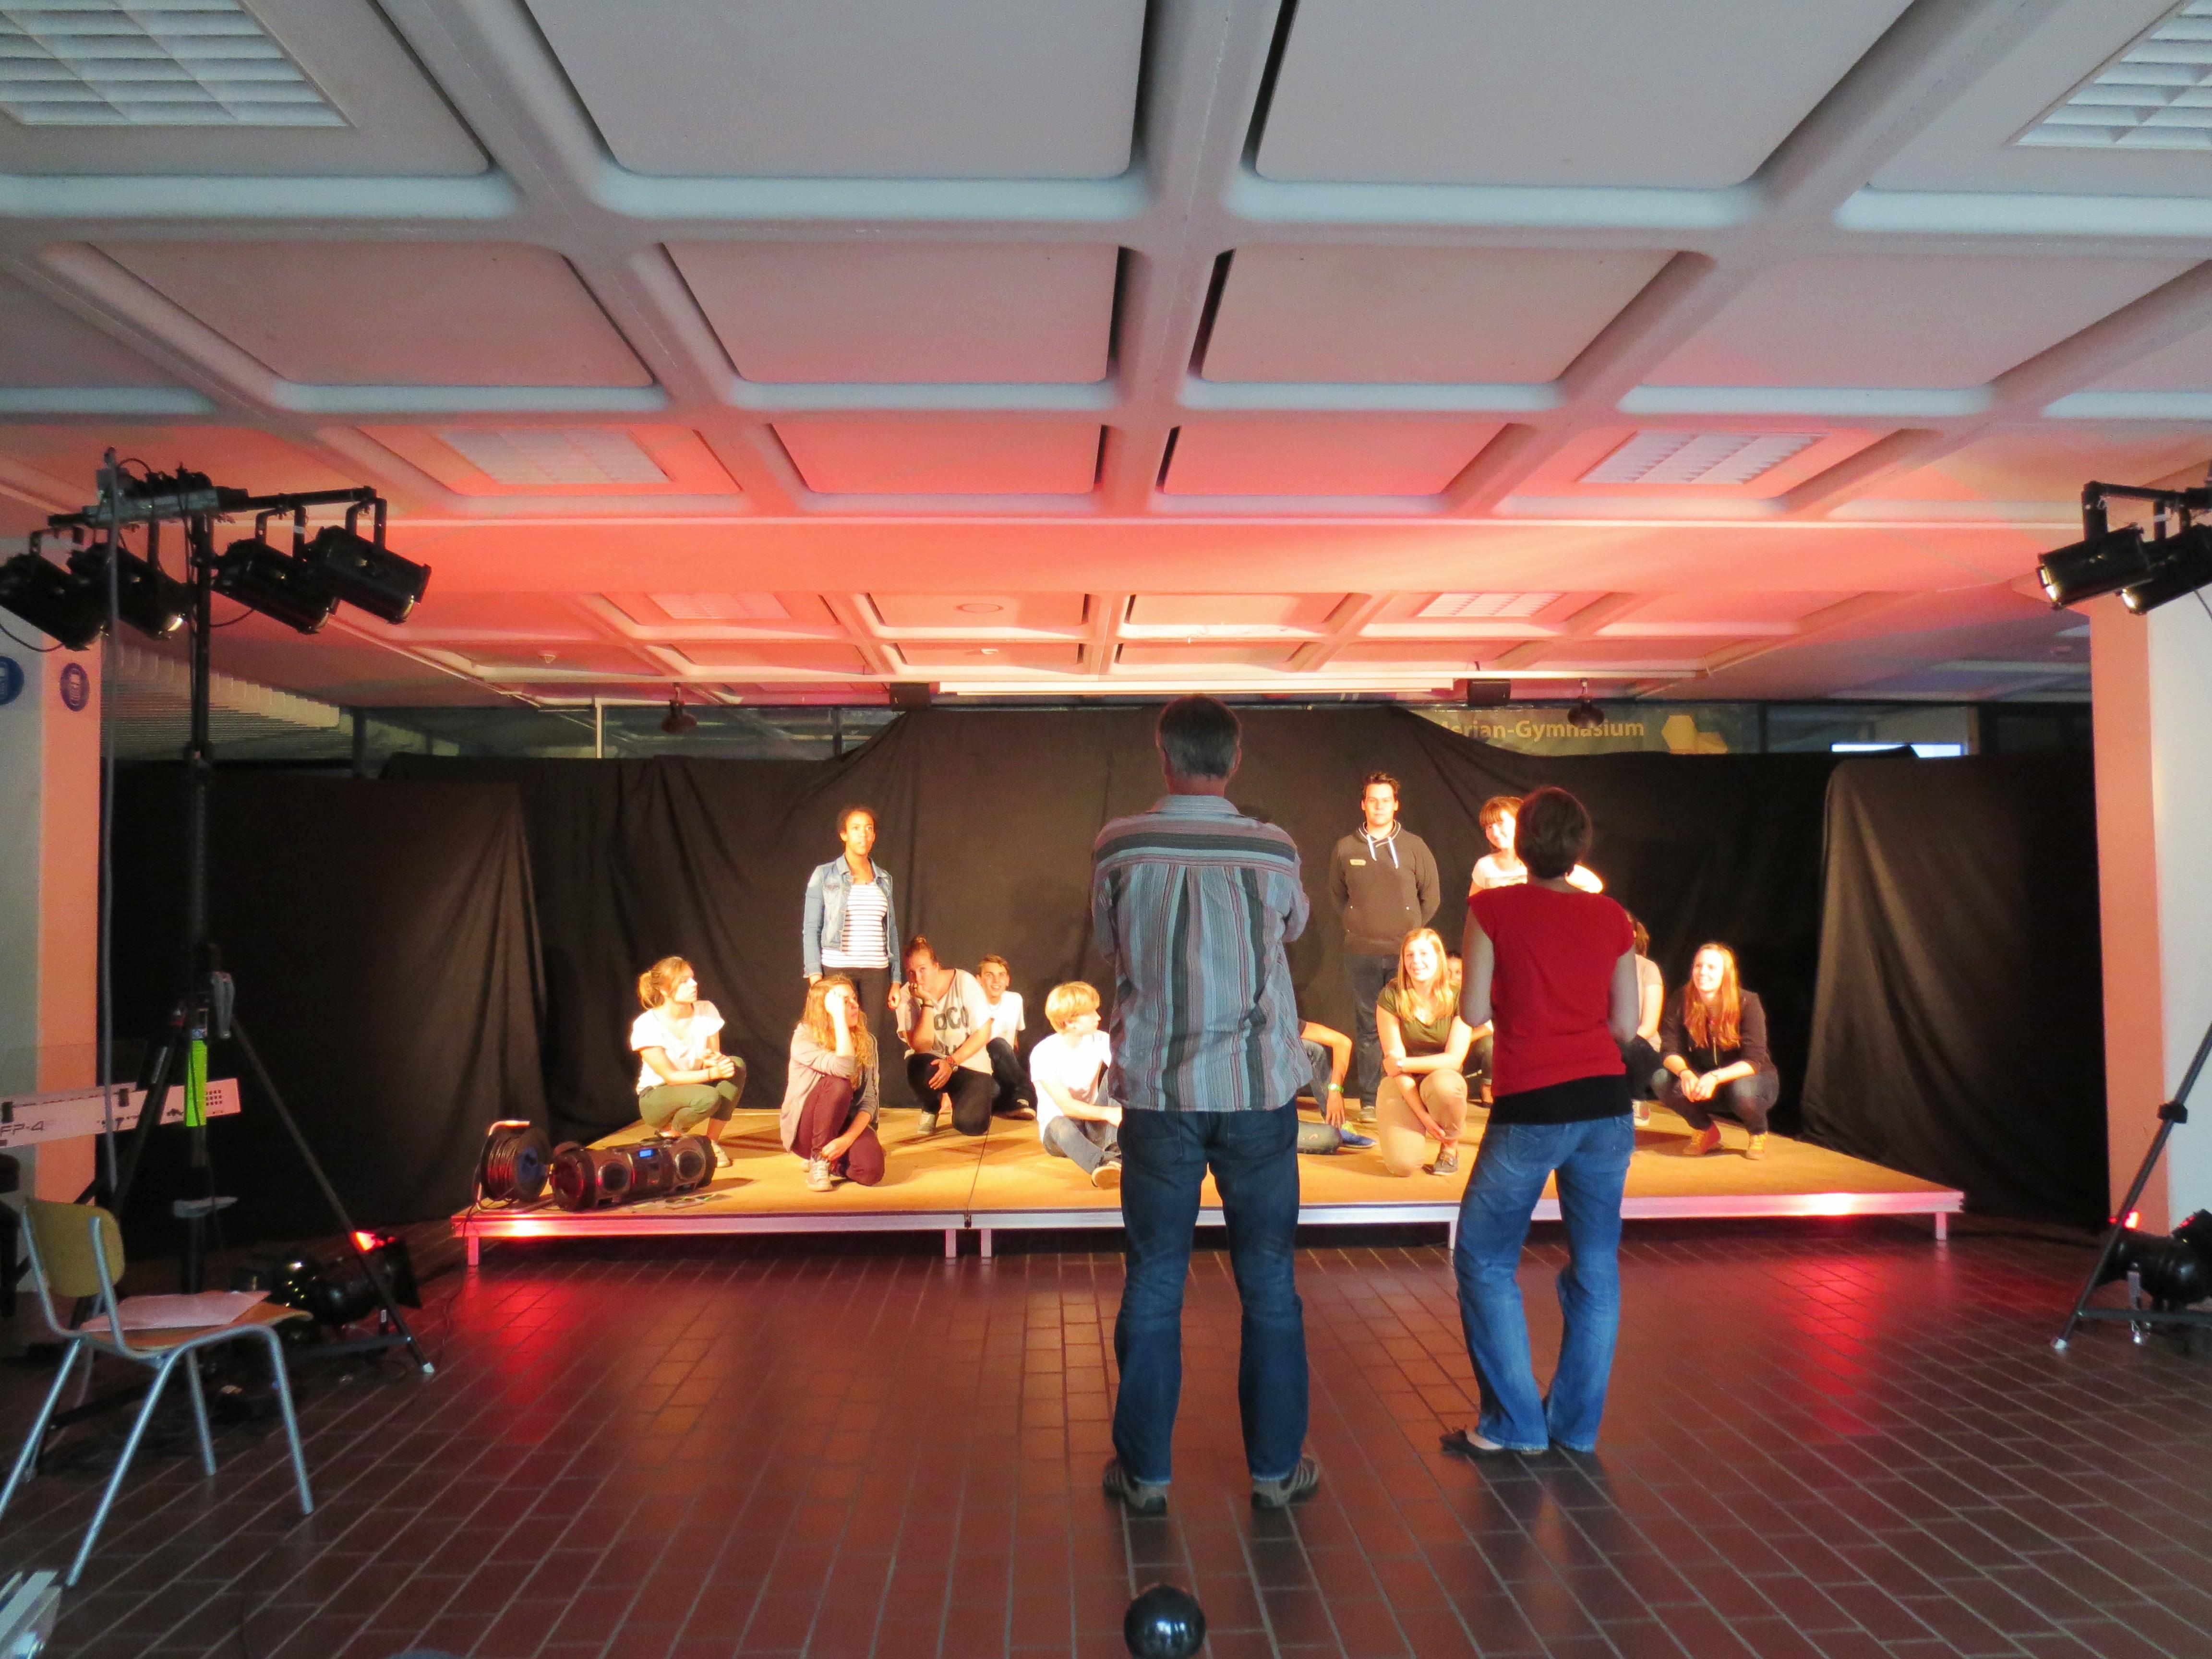 Improtheater selbst ausprobieren: Workshop mit 4gewinnt am 29.3.